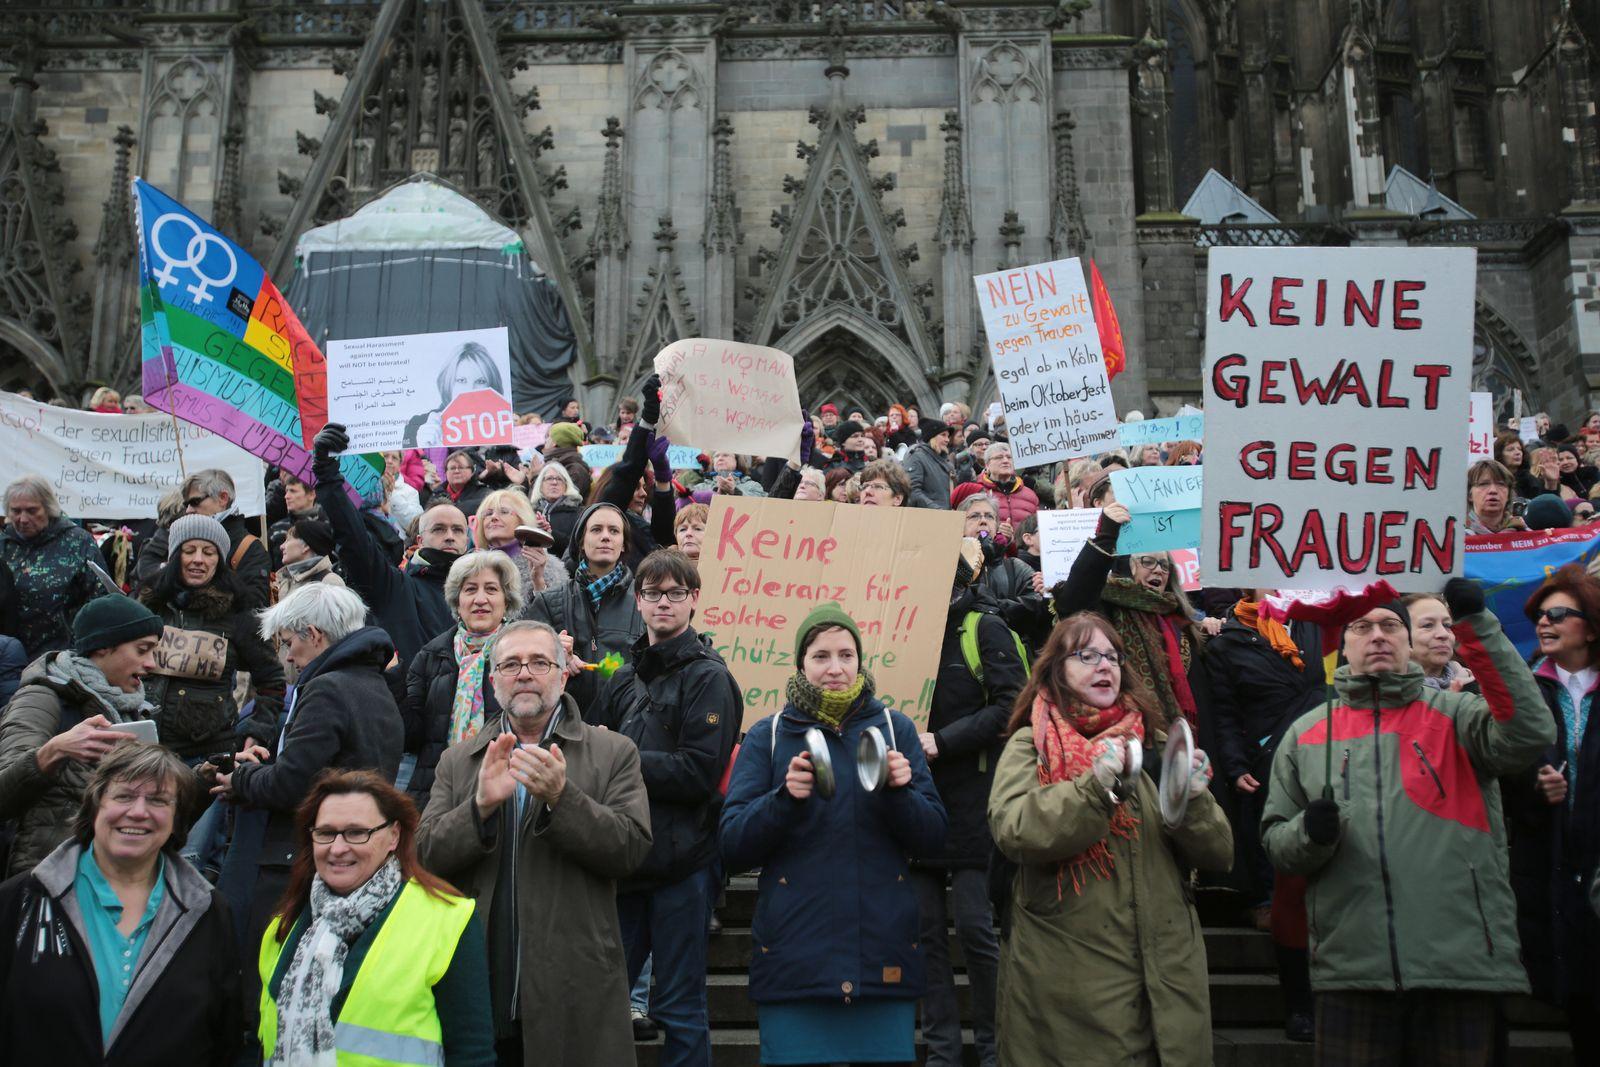 Buch/ Vergewaltigung/ Demonstration Köln